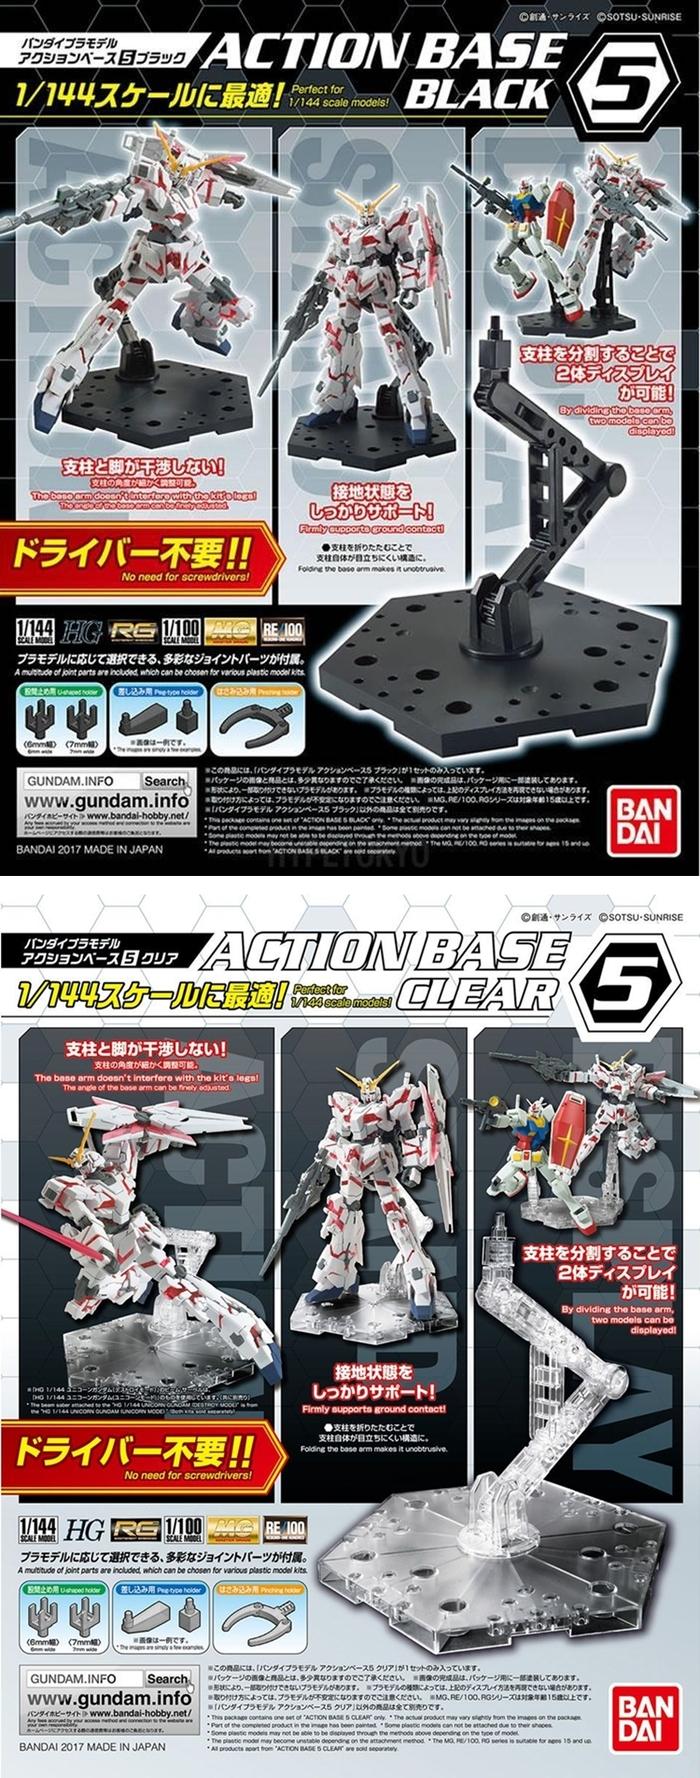 日本BANDAI萬代|1/144鋼普拉支架BB鋼彈機動戰士支撐架模型底座FG展示台座 (ACTION BASE 5 CLEAR)